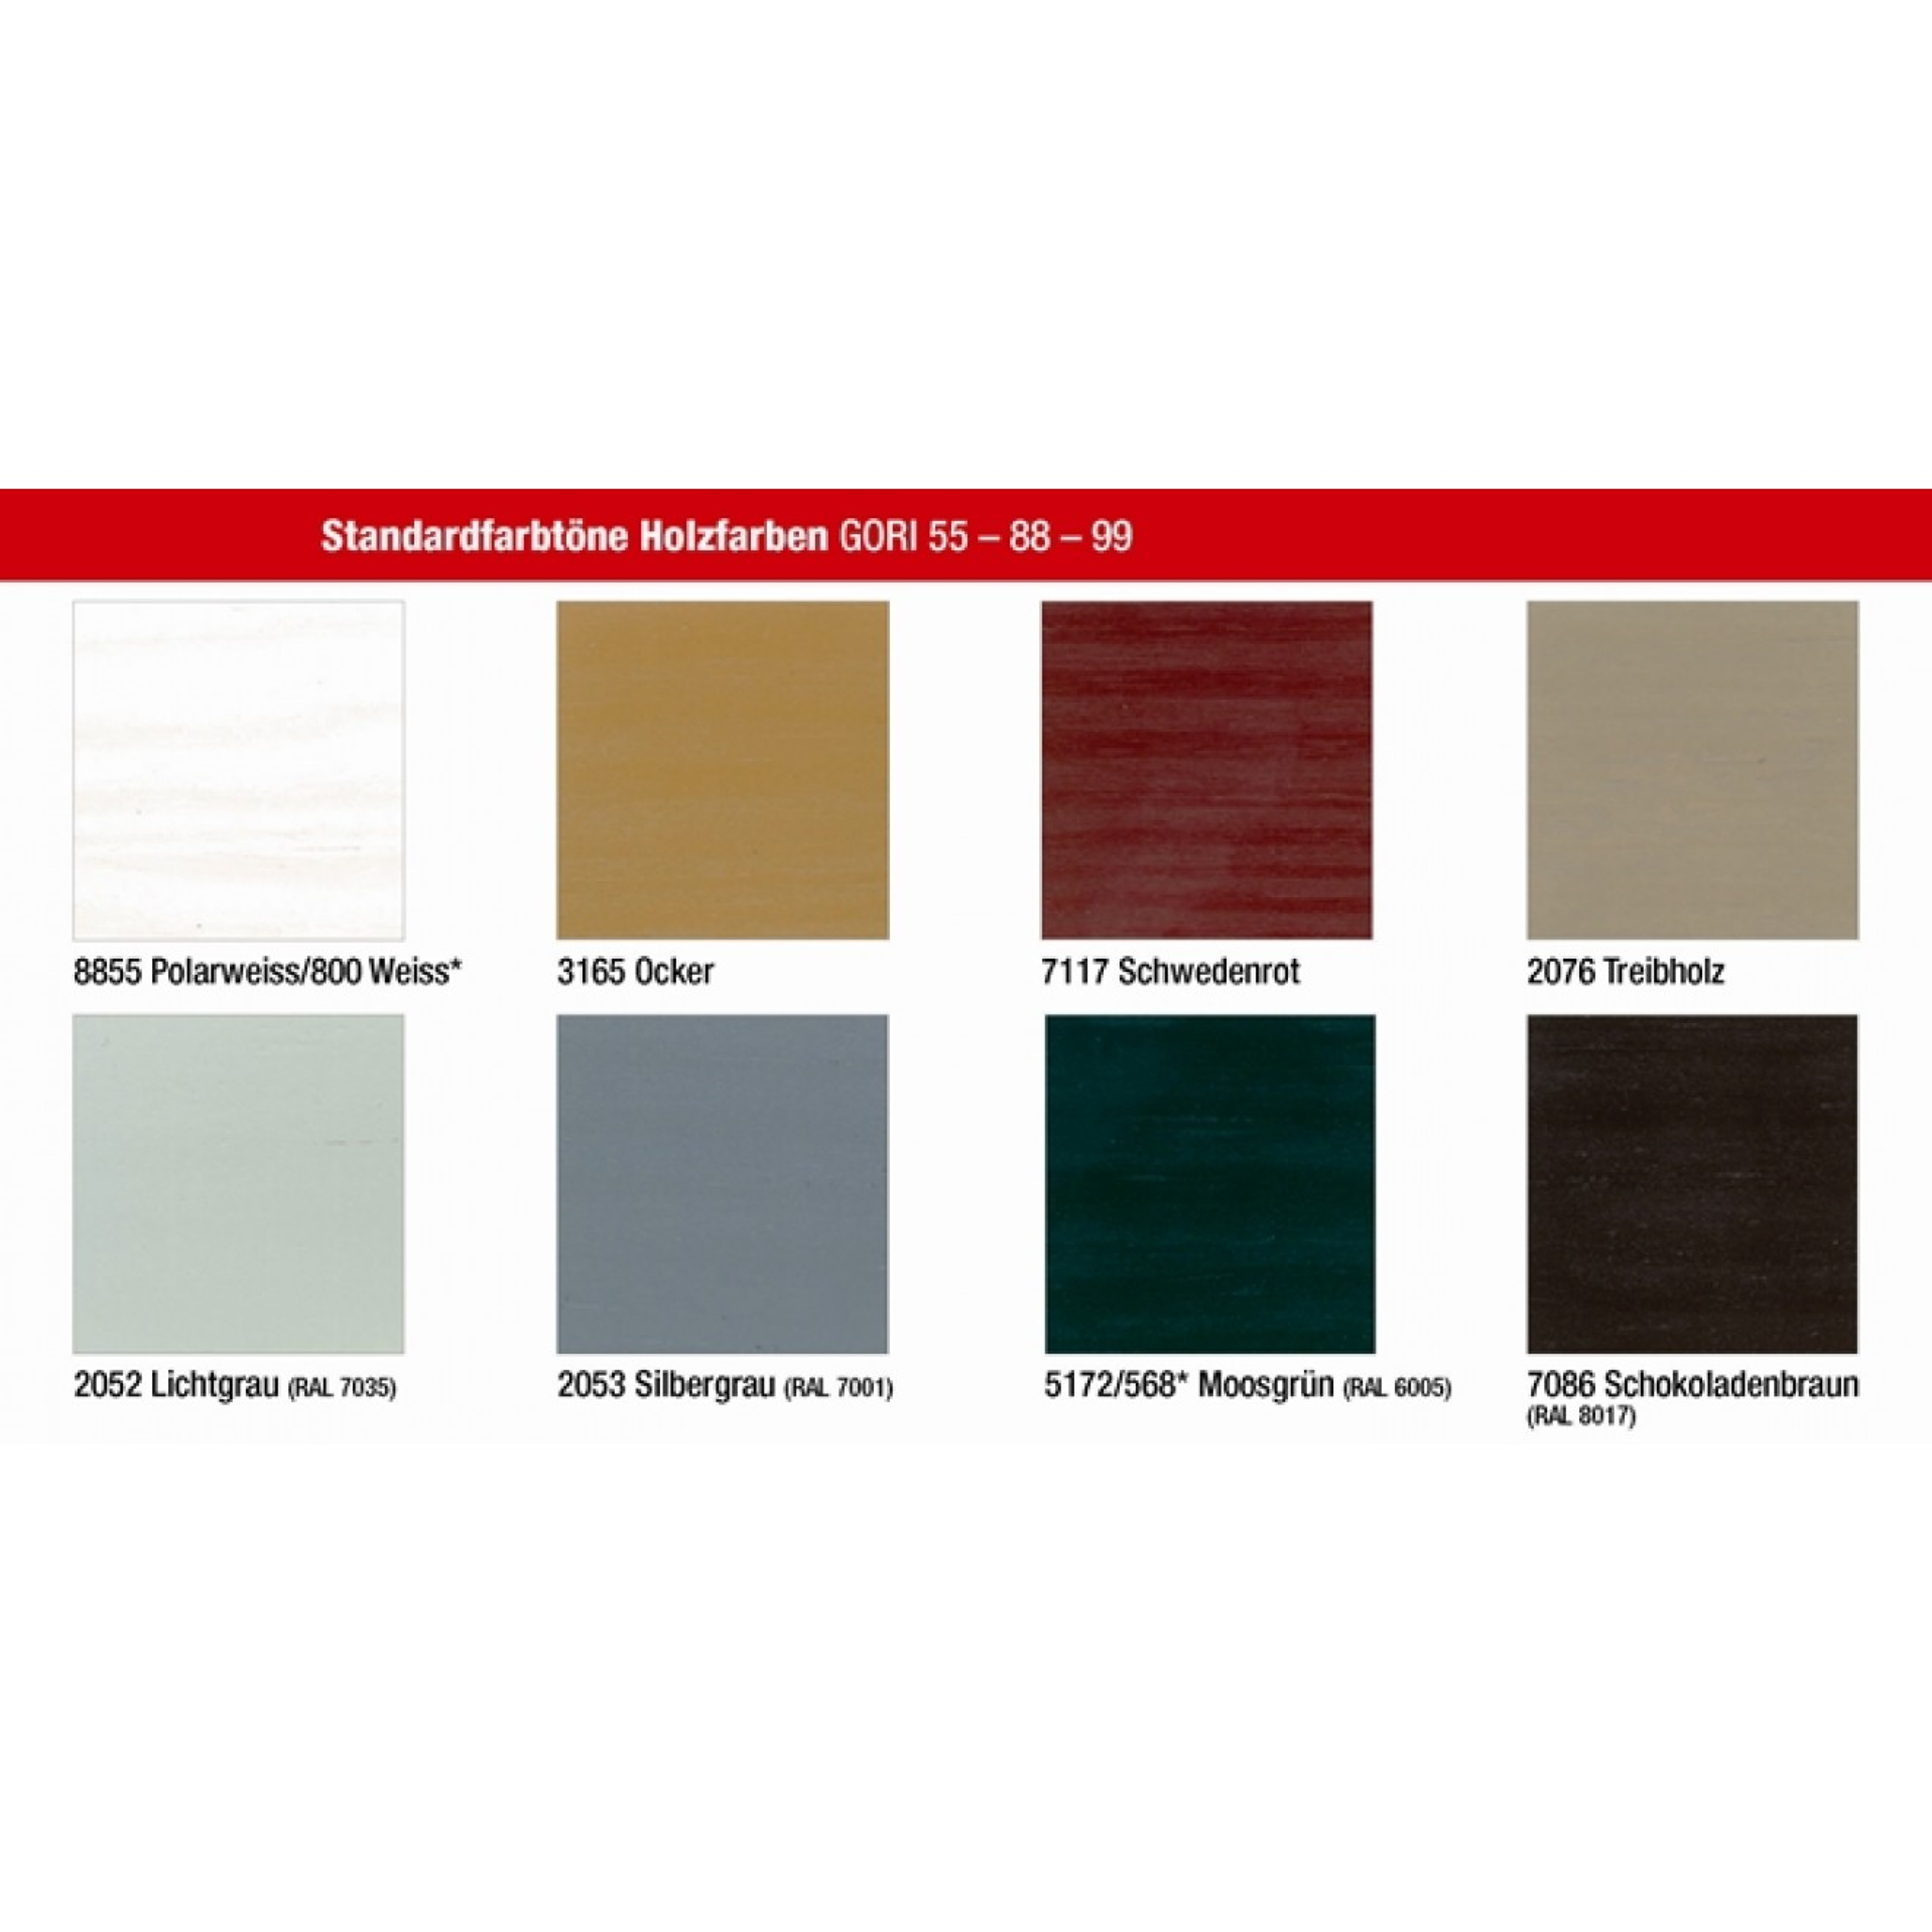 Fassadenfarbe lichtgrau  GORI 99 HOLZFASSADEN-FARBE günstig im Tischlereicenter.eu kaufen.